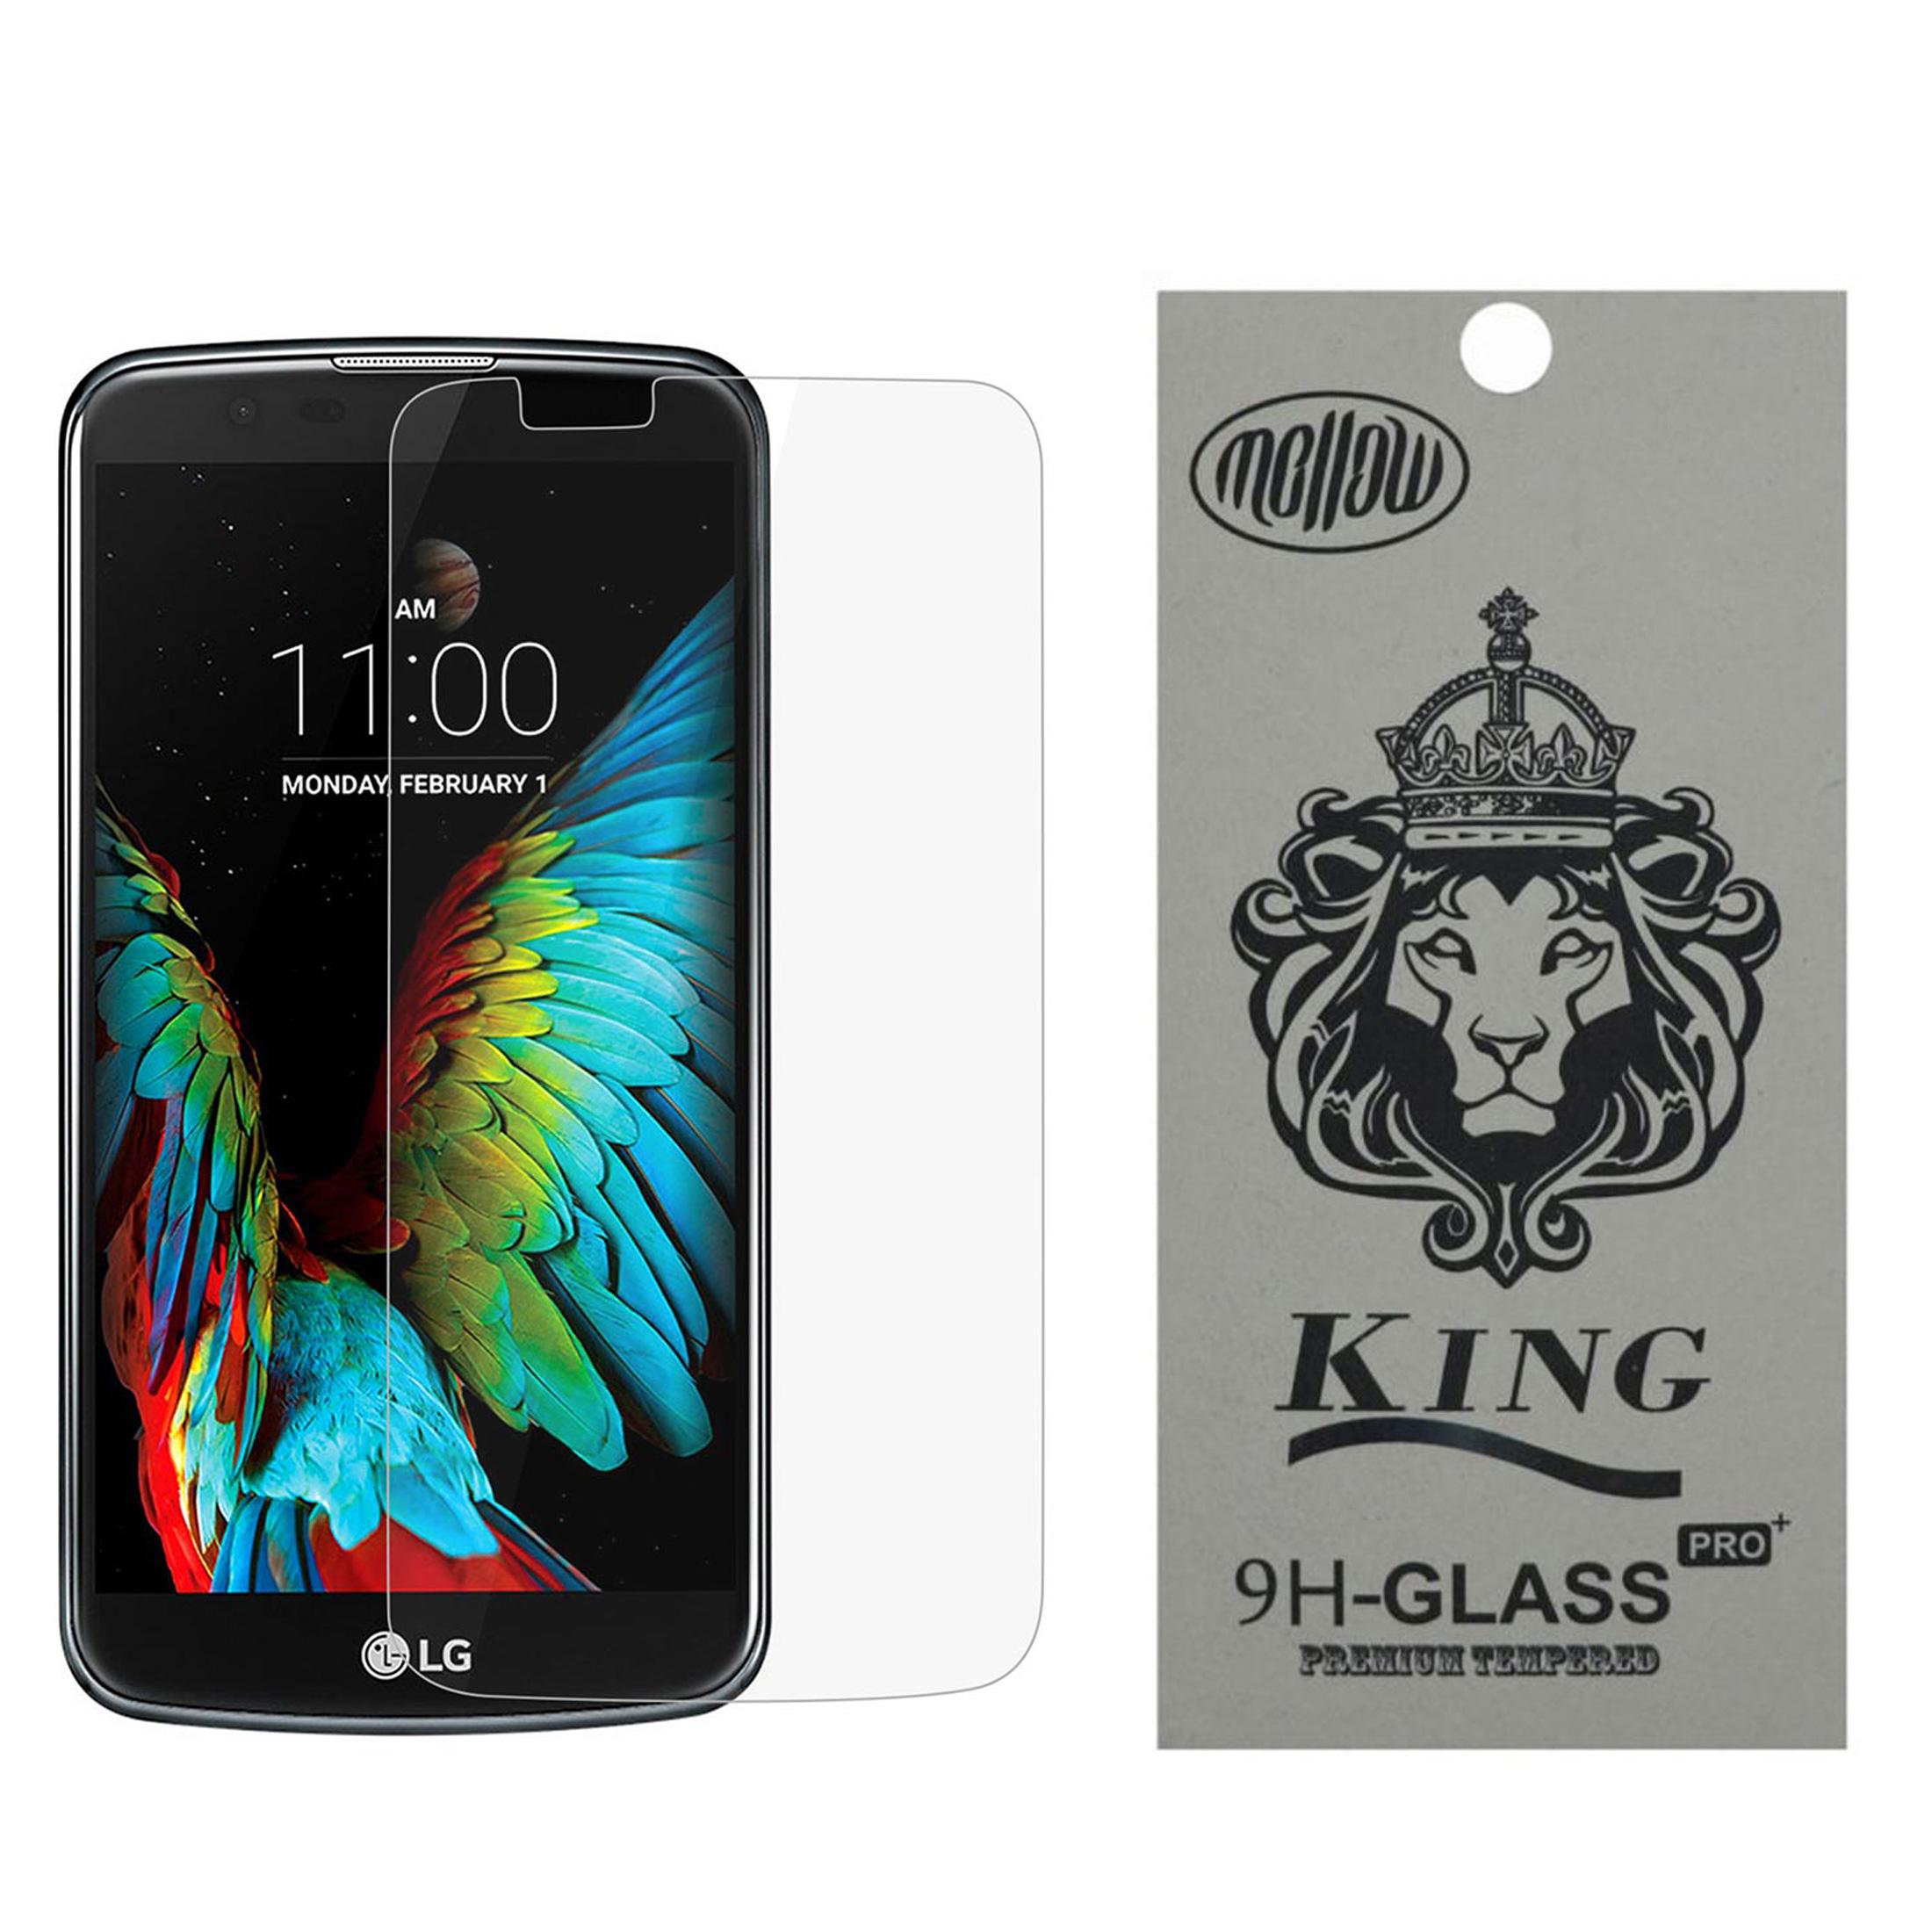 محافظ صفحه نمایش ملو مدل 01-Tm مناسب برای گوشی موبایل ال جی K10 2016